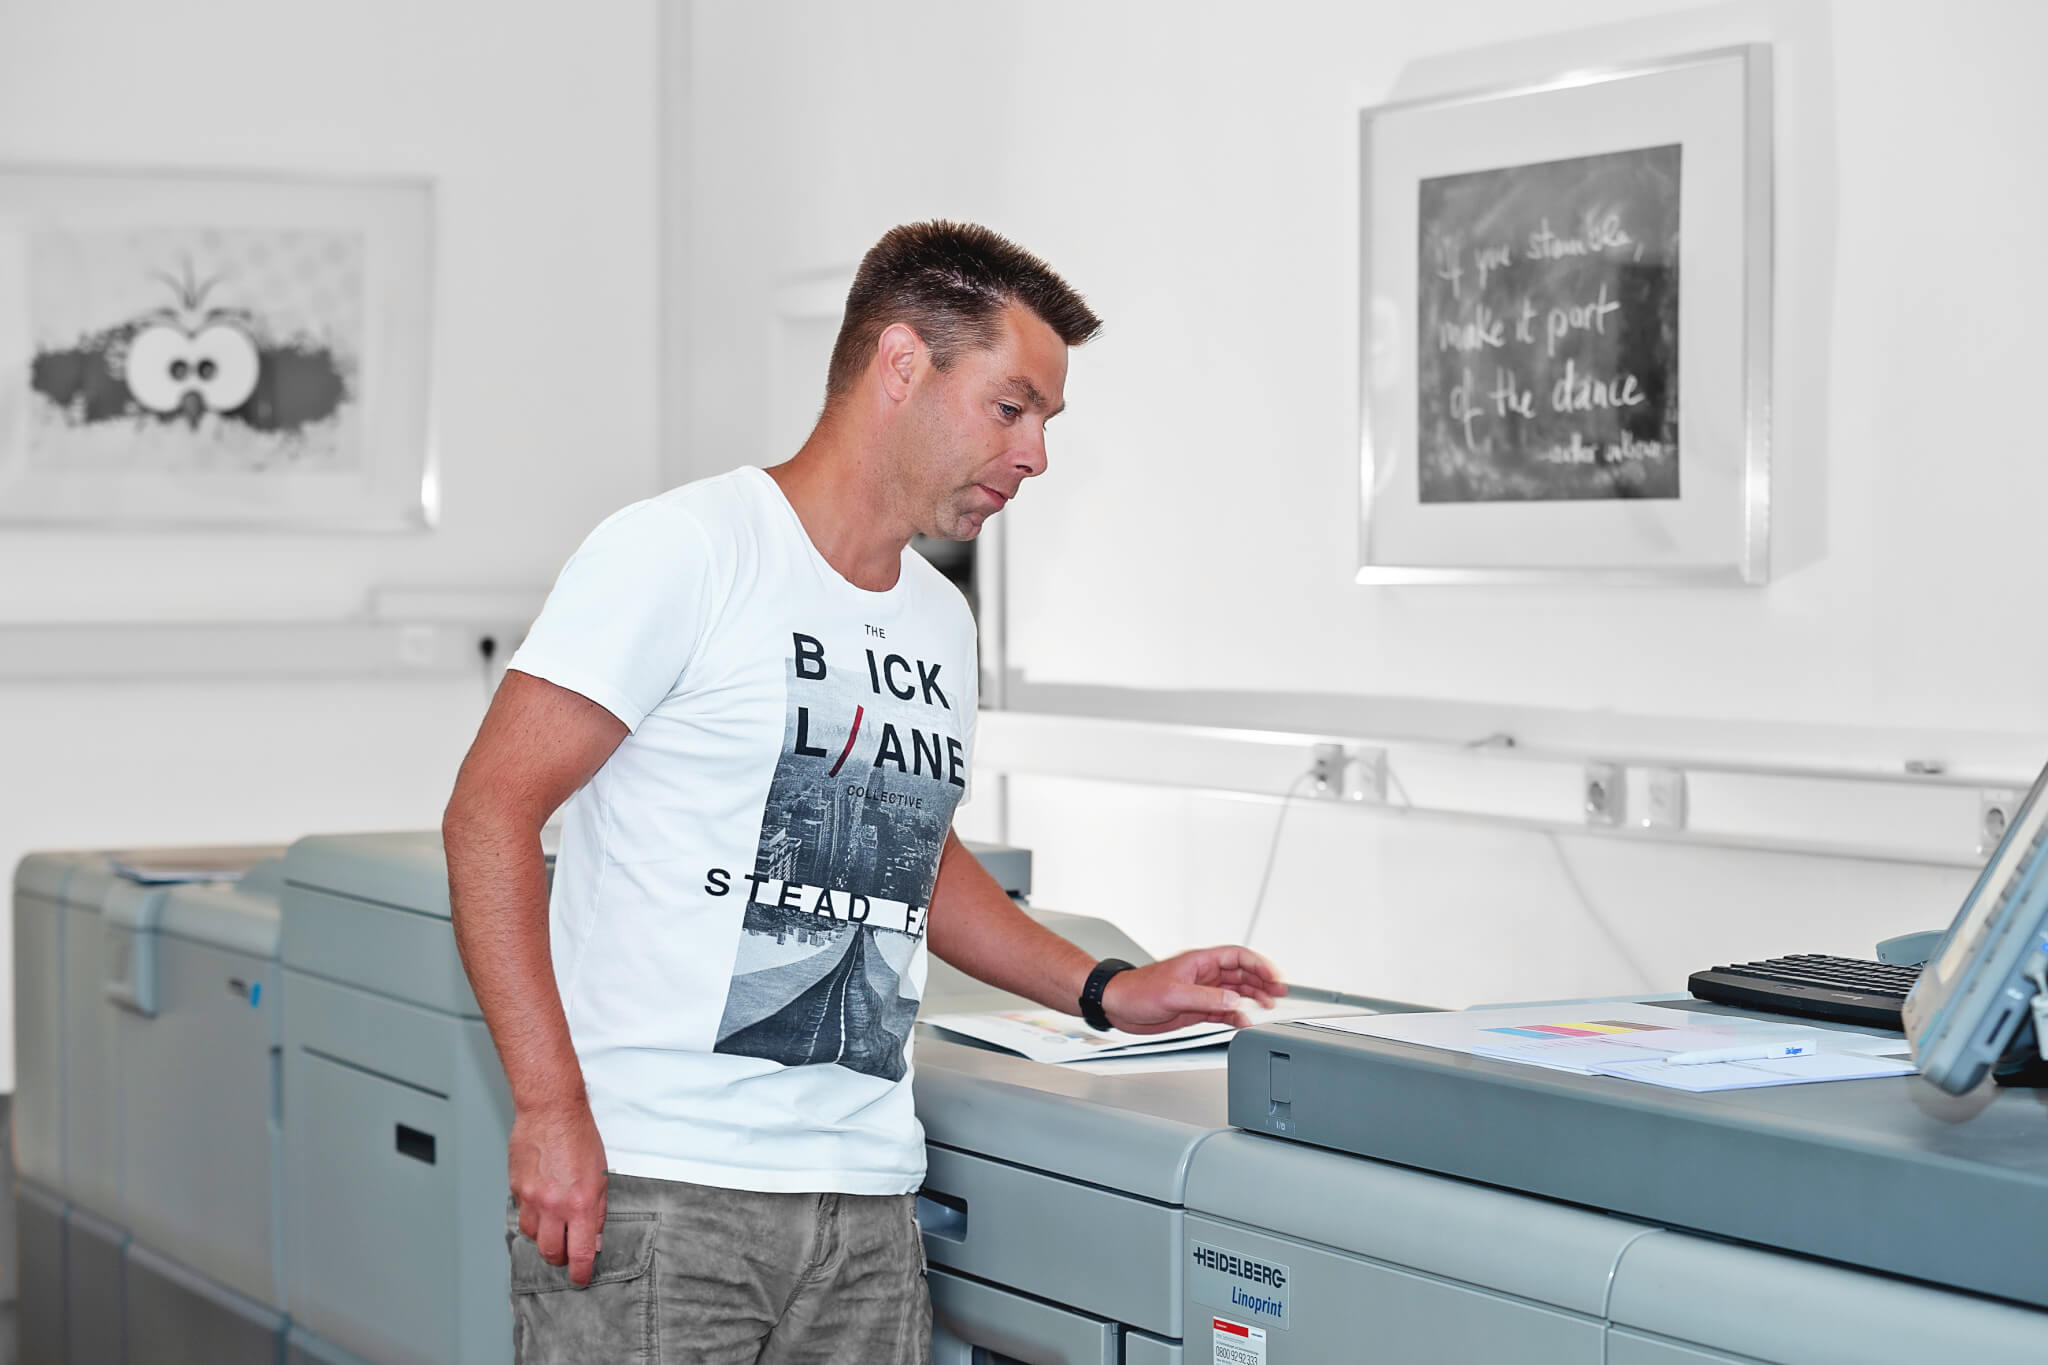 Unser Digitaldruck arbeitet flexibel, professionell und effektiv für Sie.